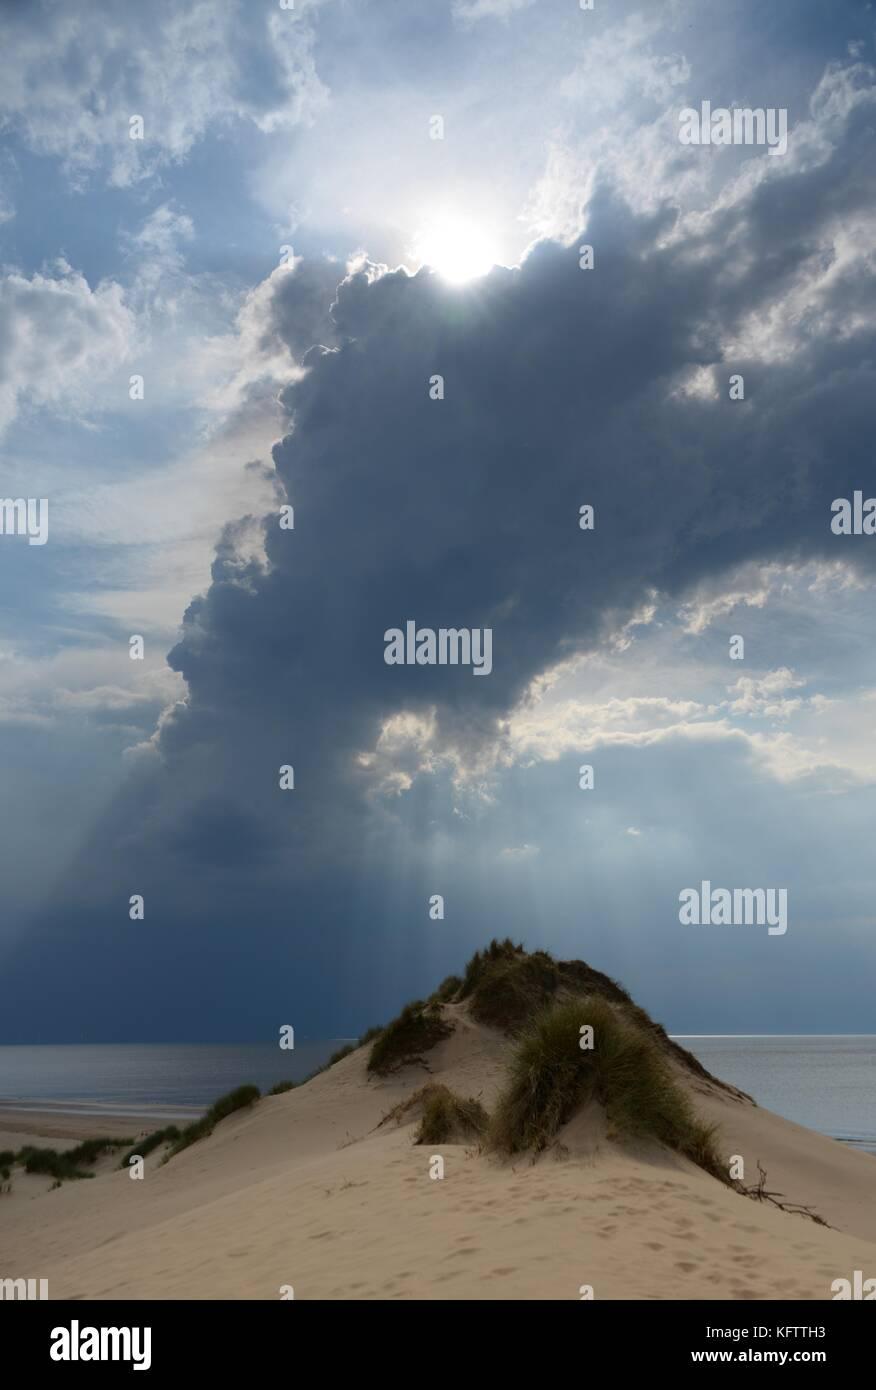 Soleil d'inspiration sortir de nuages sur dune de sable Photo Stock